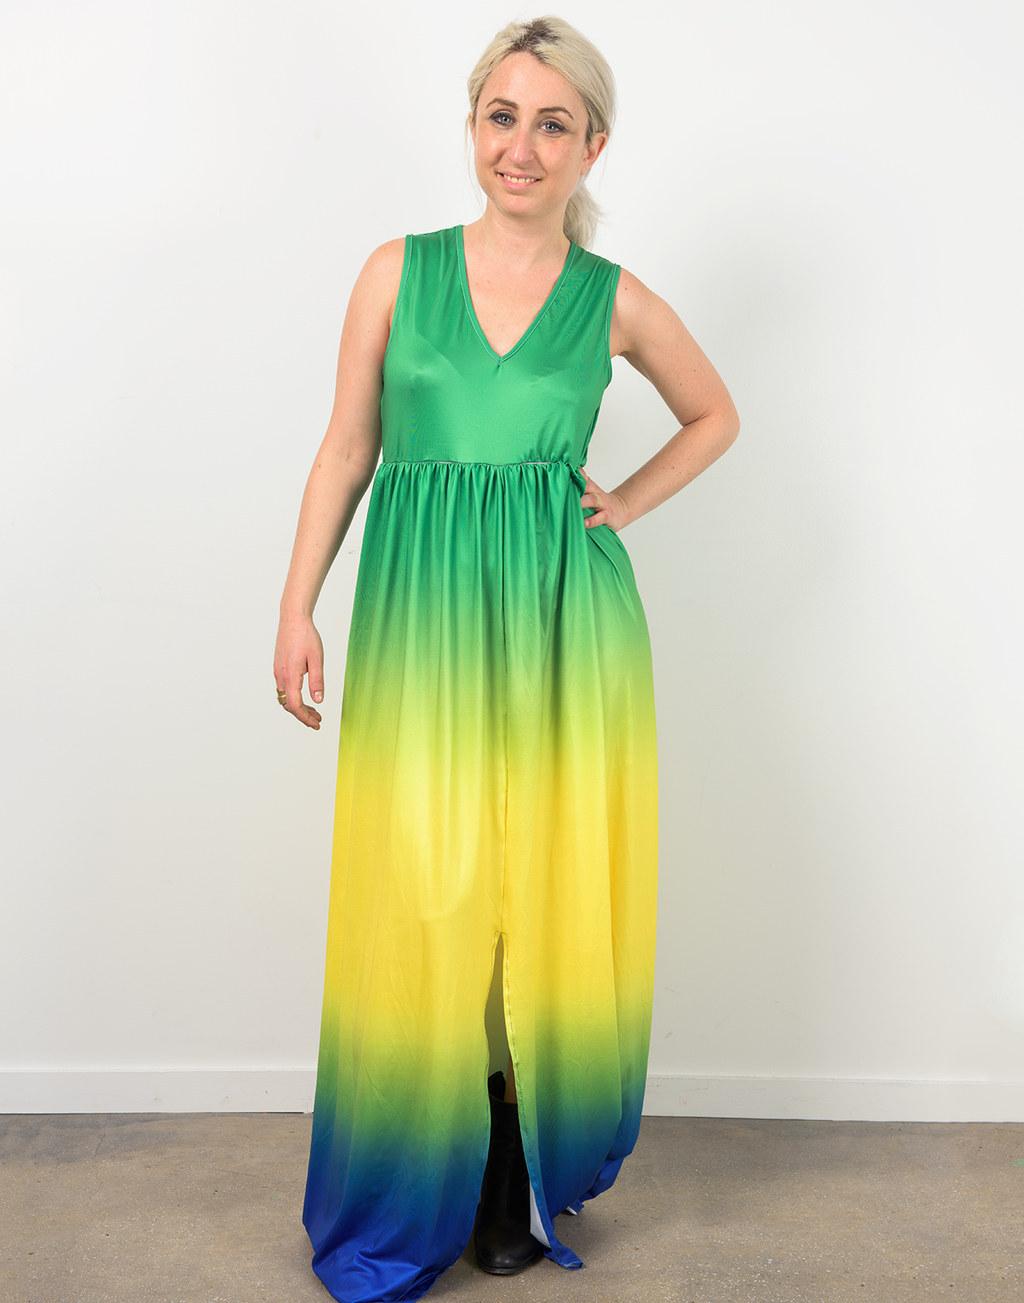 Vestidos de fiesta baratos hechos en china